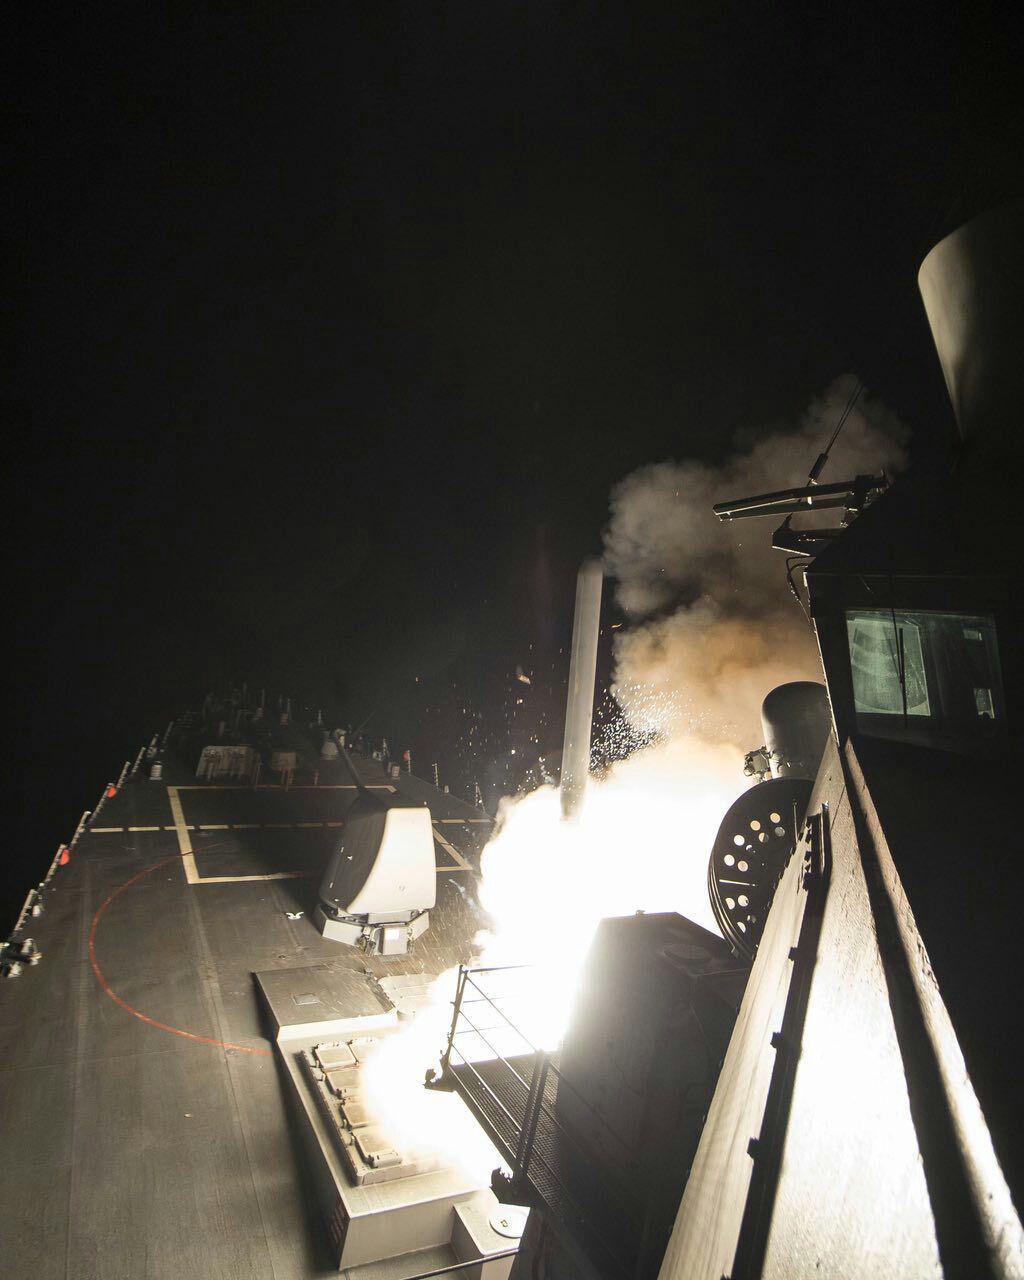 حمله موشکی آمریکا به مراکز ارتش بشار اسد / شلیک 59 موشک تام هاک از ناوهای آرتش آمریکا / ایران محکوم کرد